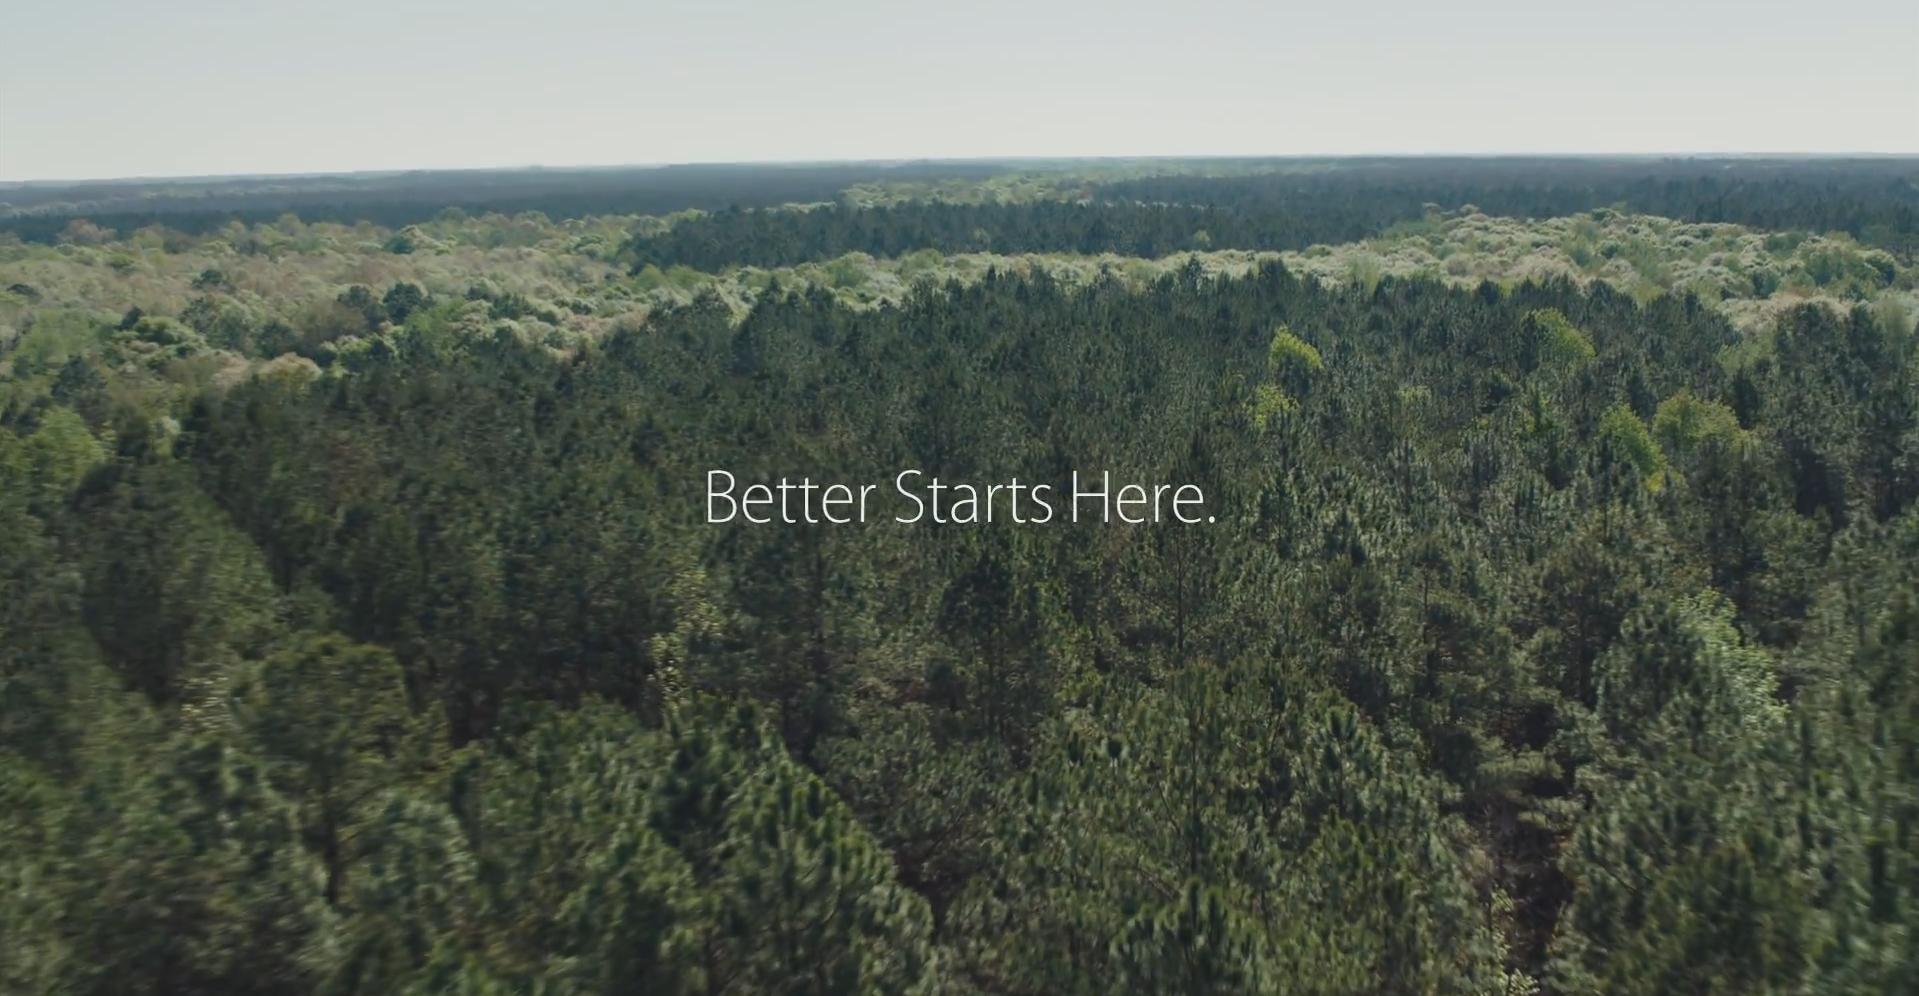 Apple поделилась успехами в сохранении окружающей среды